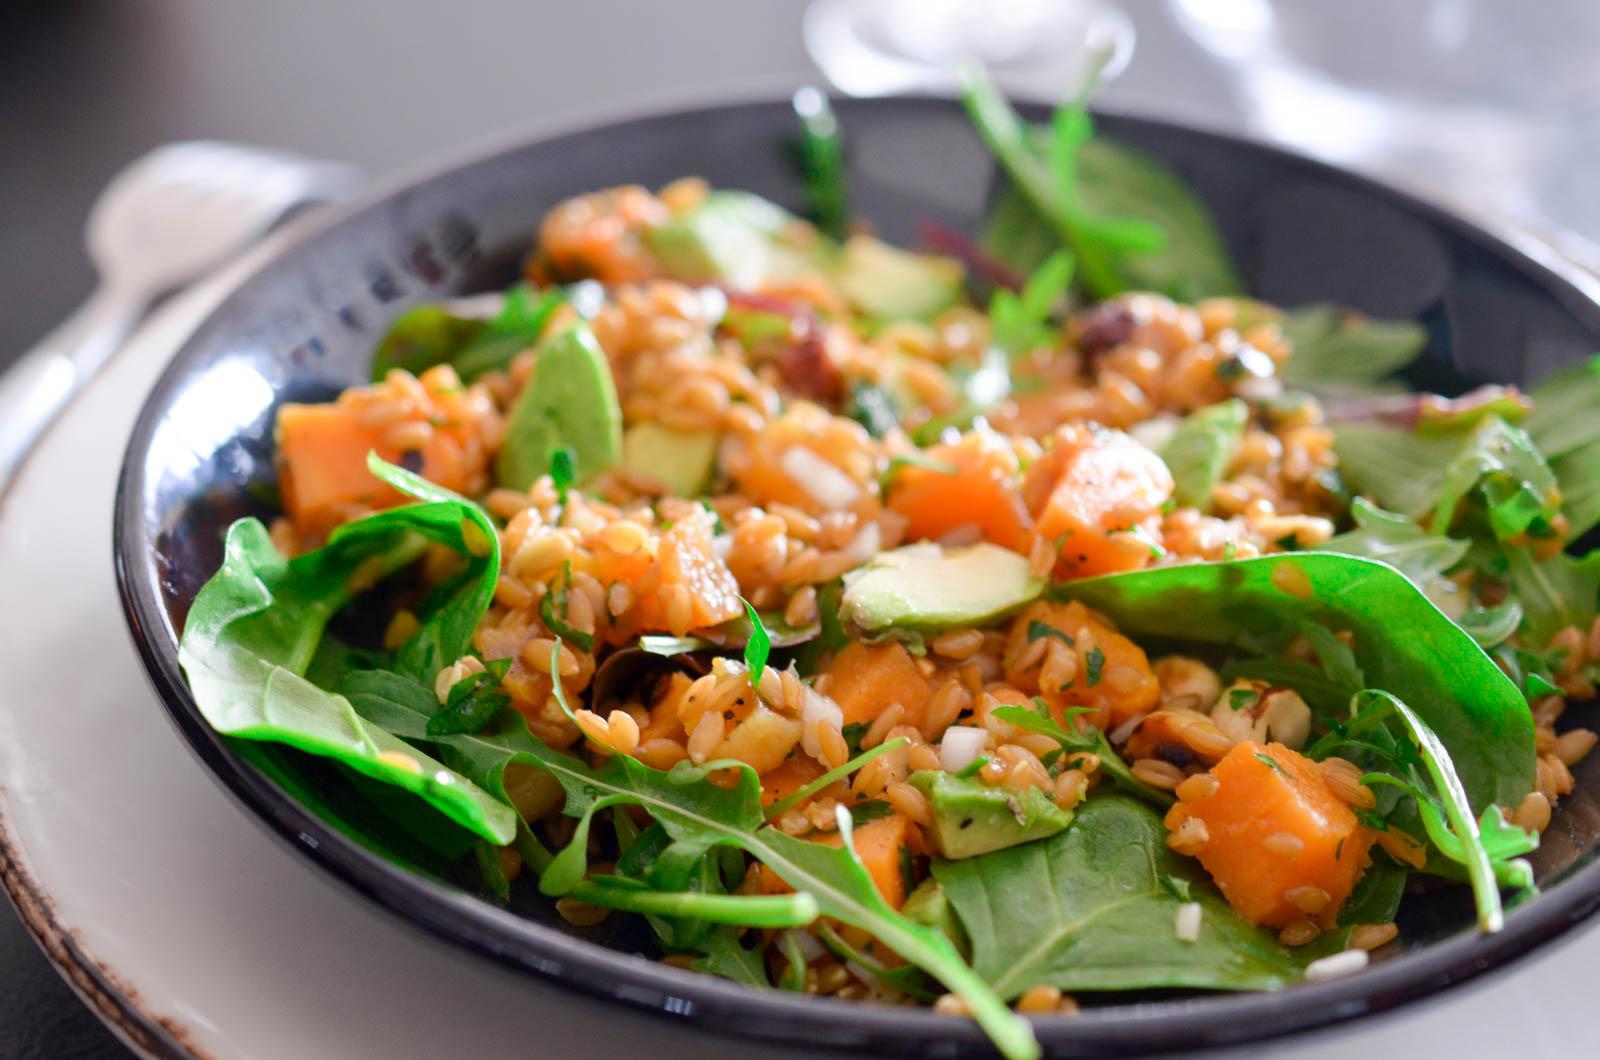 Salade Petit Epeautre Noisettes Huile D'olive (8 Sur 8)